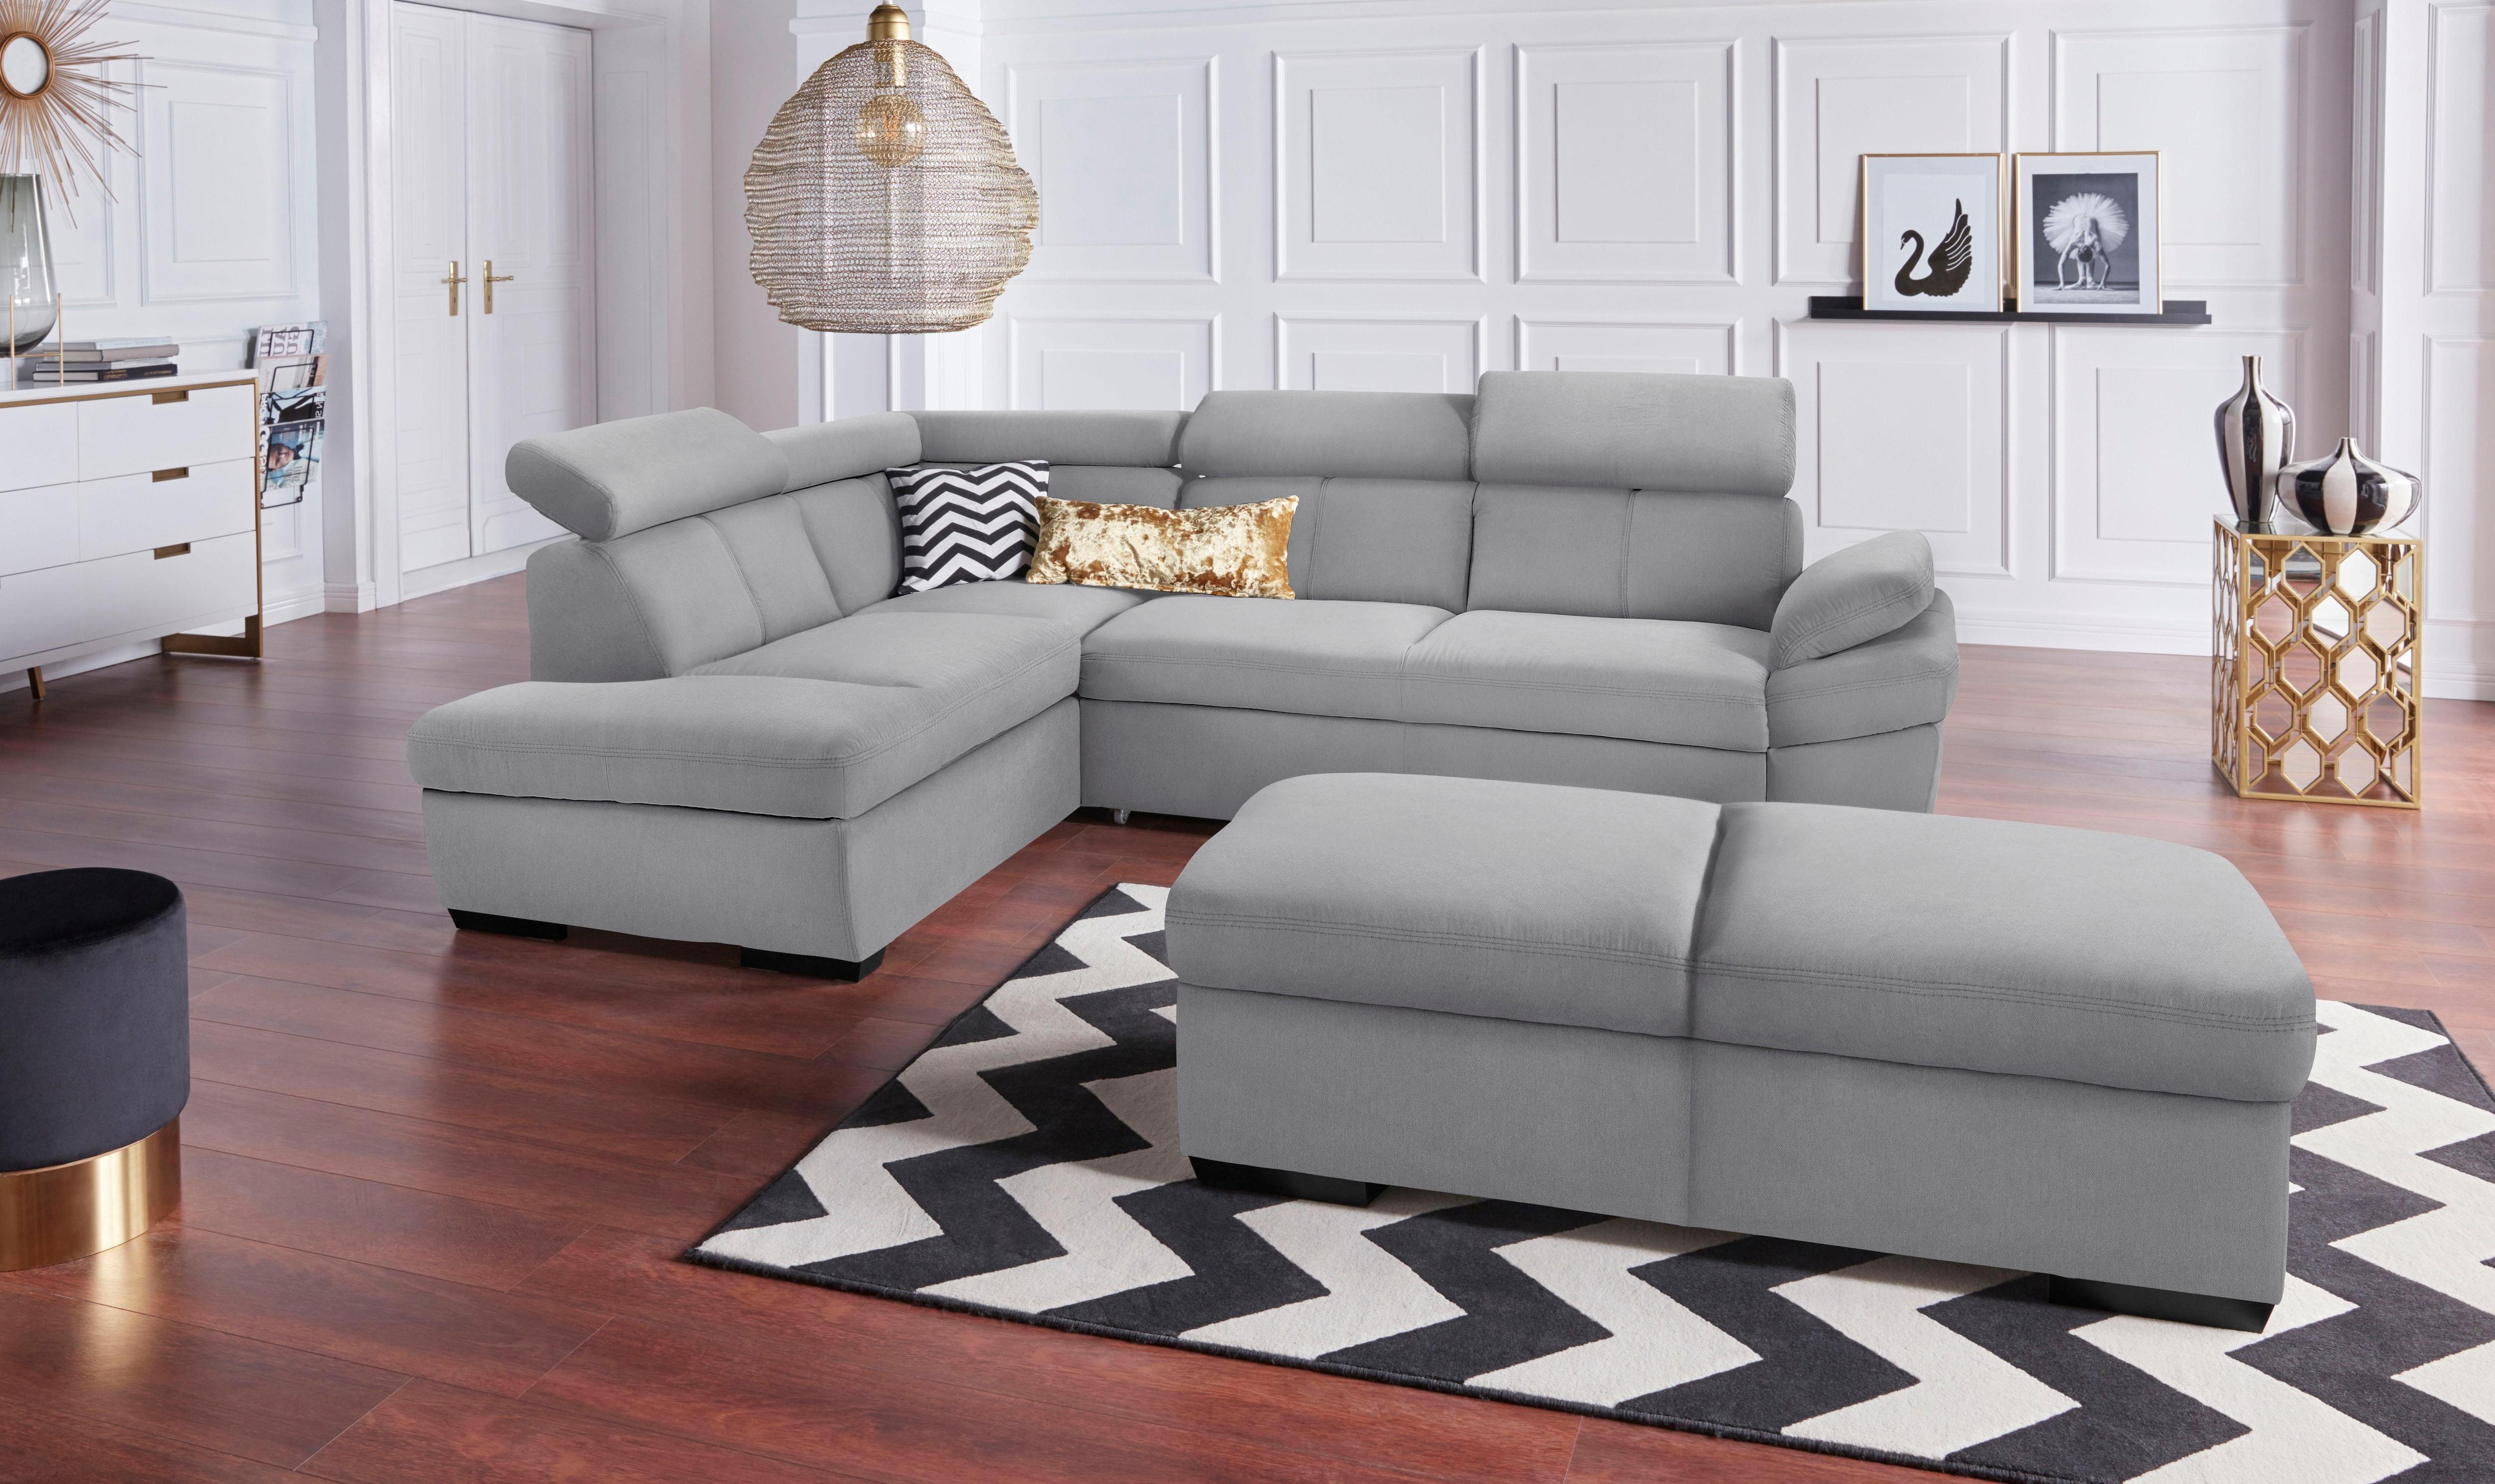 exxpo - sofa fashion Ecksofa, inklusive Kopfteil- und Armteilverstellung, w günstig online kaufen